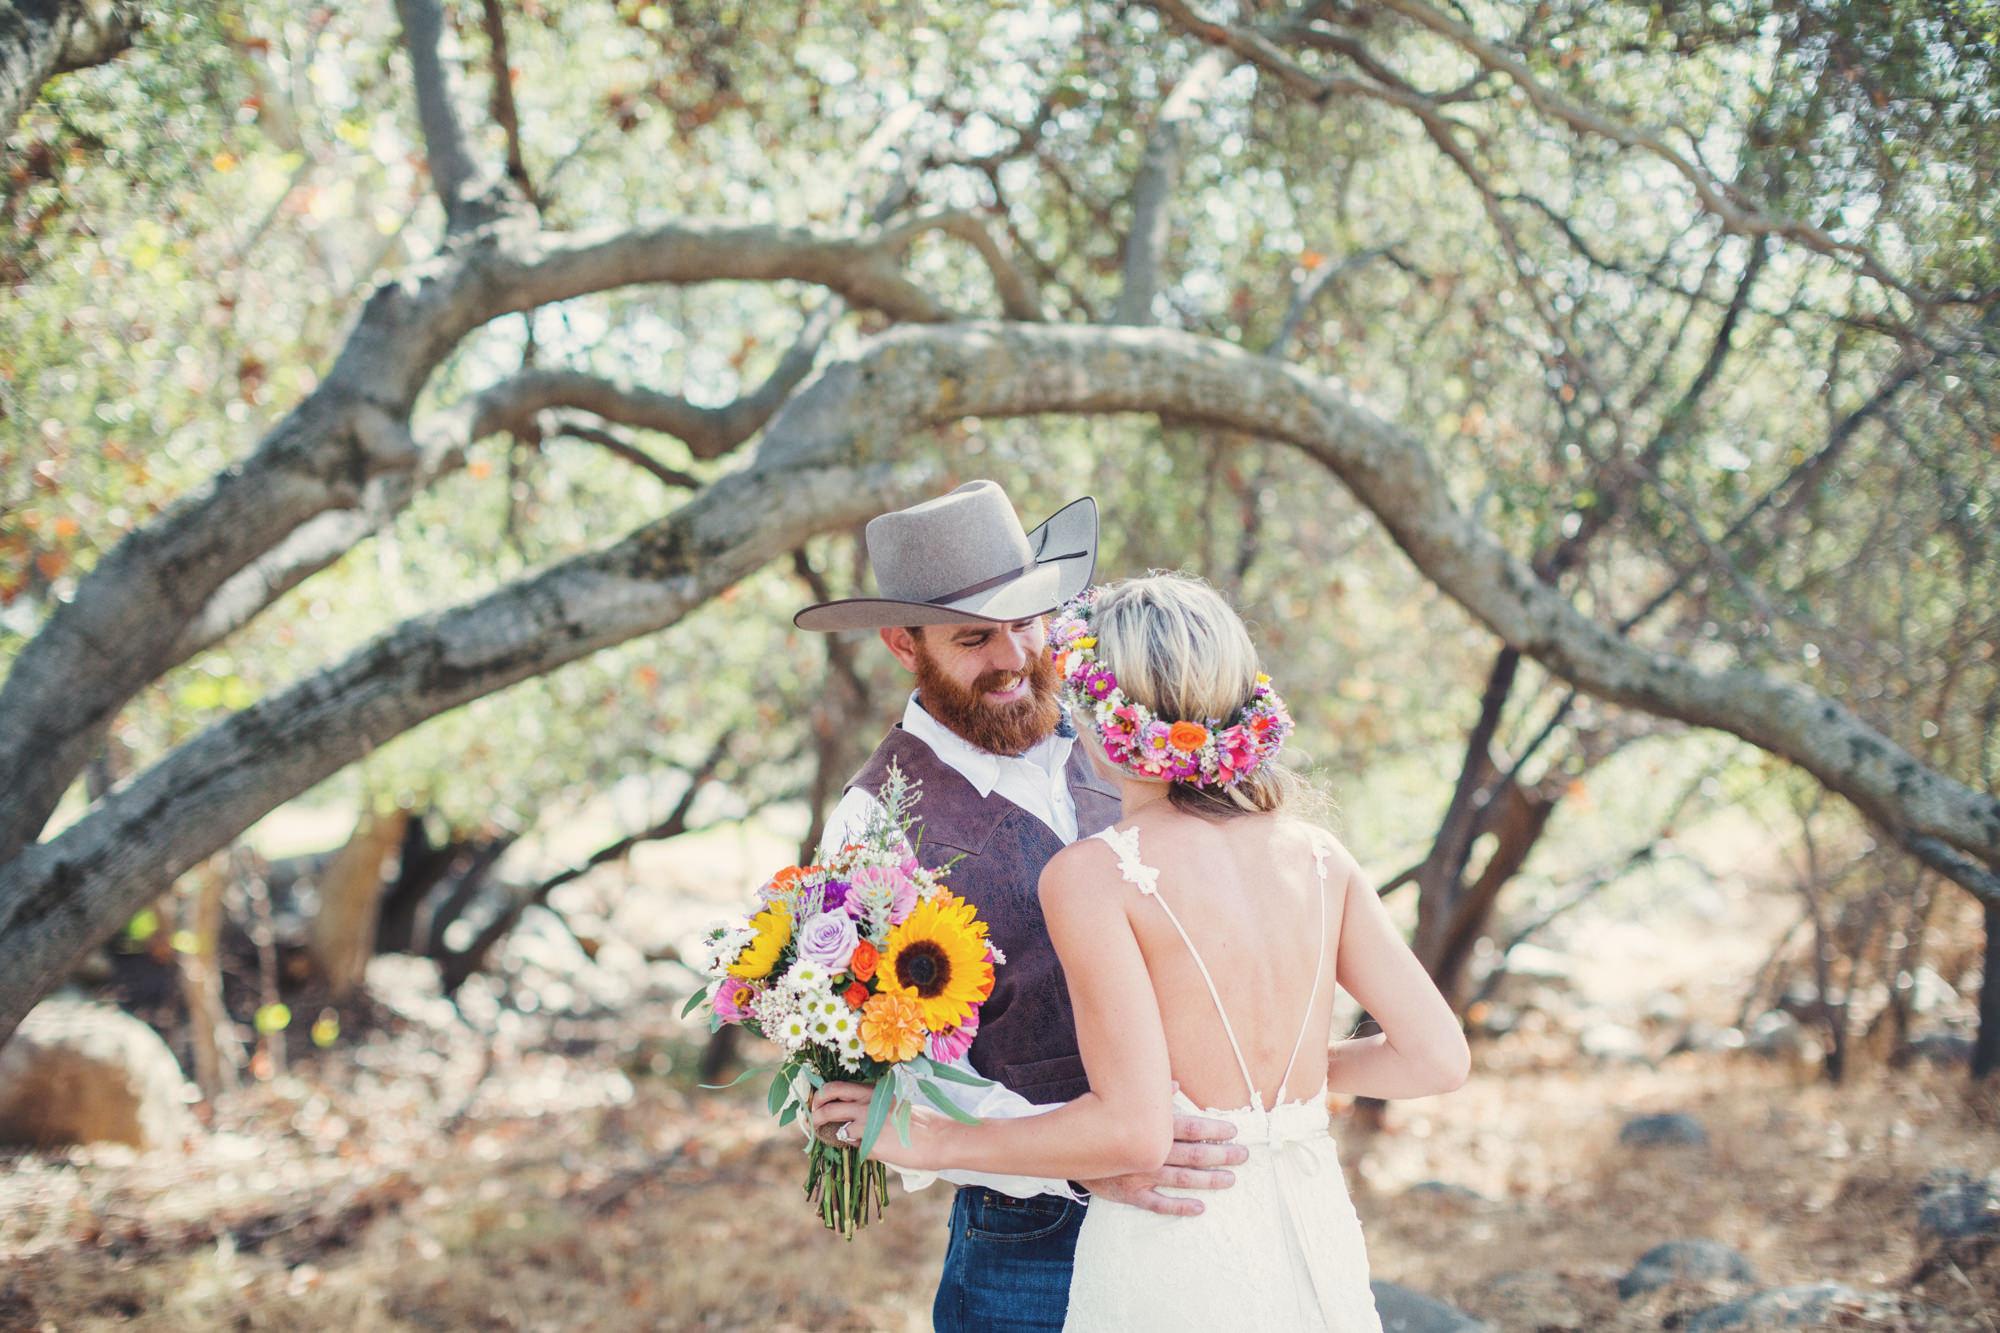 Rustic wedding in California ©Anne-Claire Brun 40